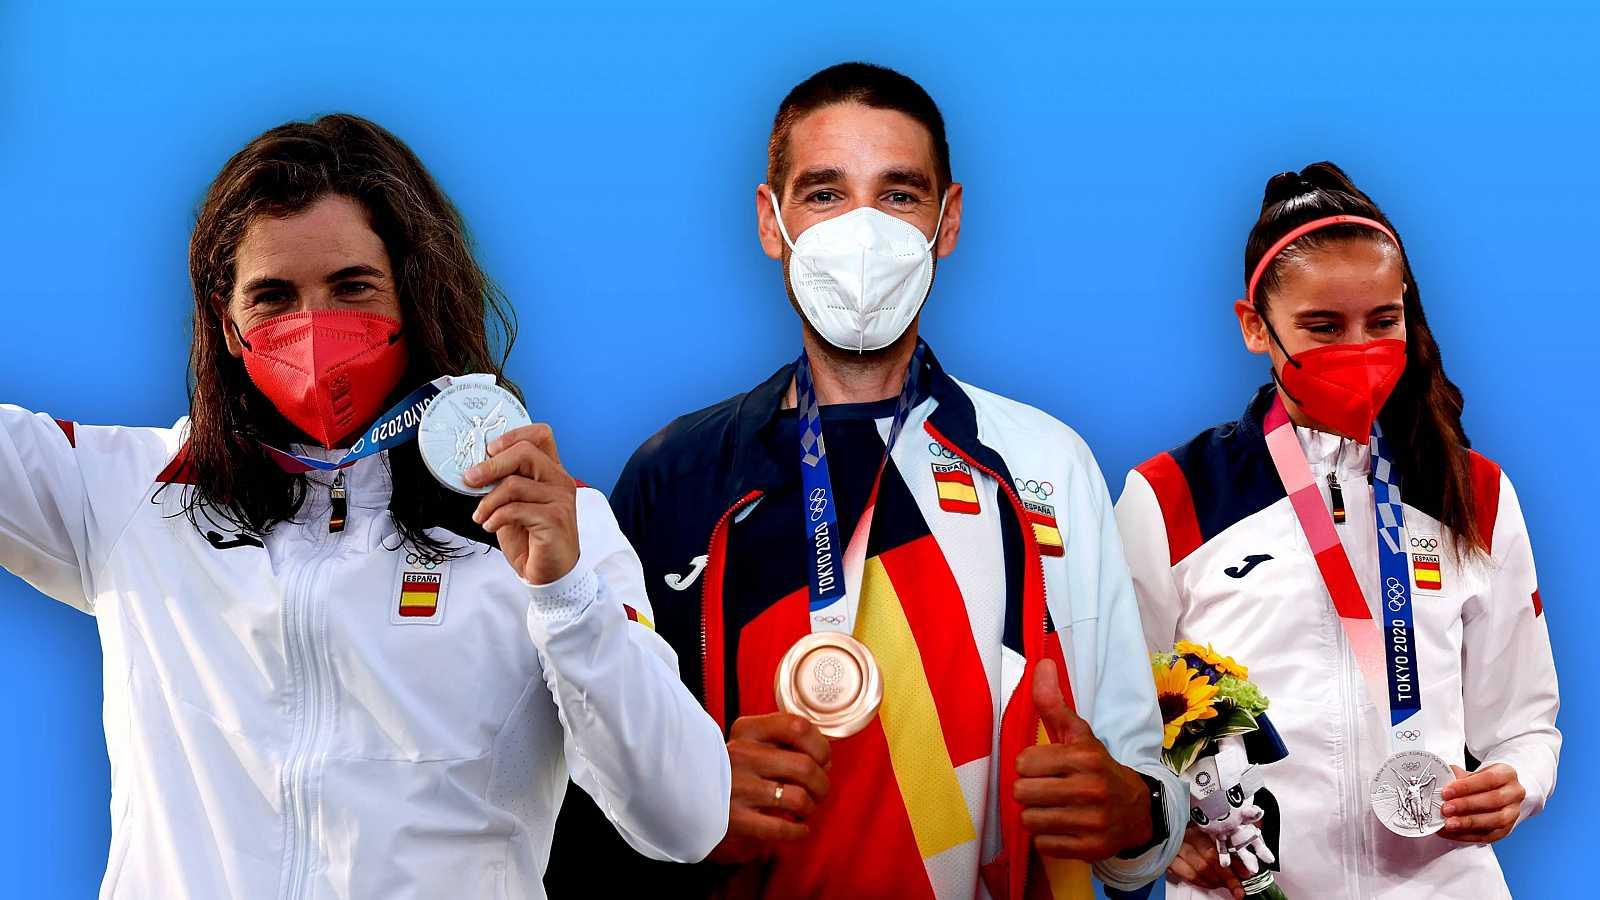 Adriana Cerezo, David Valero y Maialen Chourraut, primeros medallistas españoles en los Juegos Olímpicos de Tokyo 2020